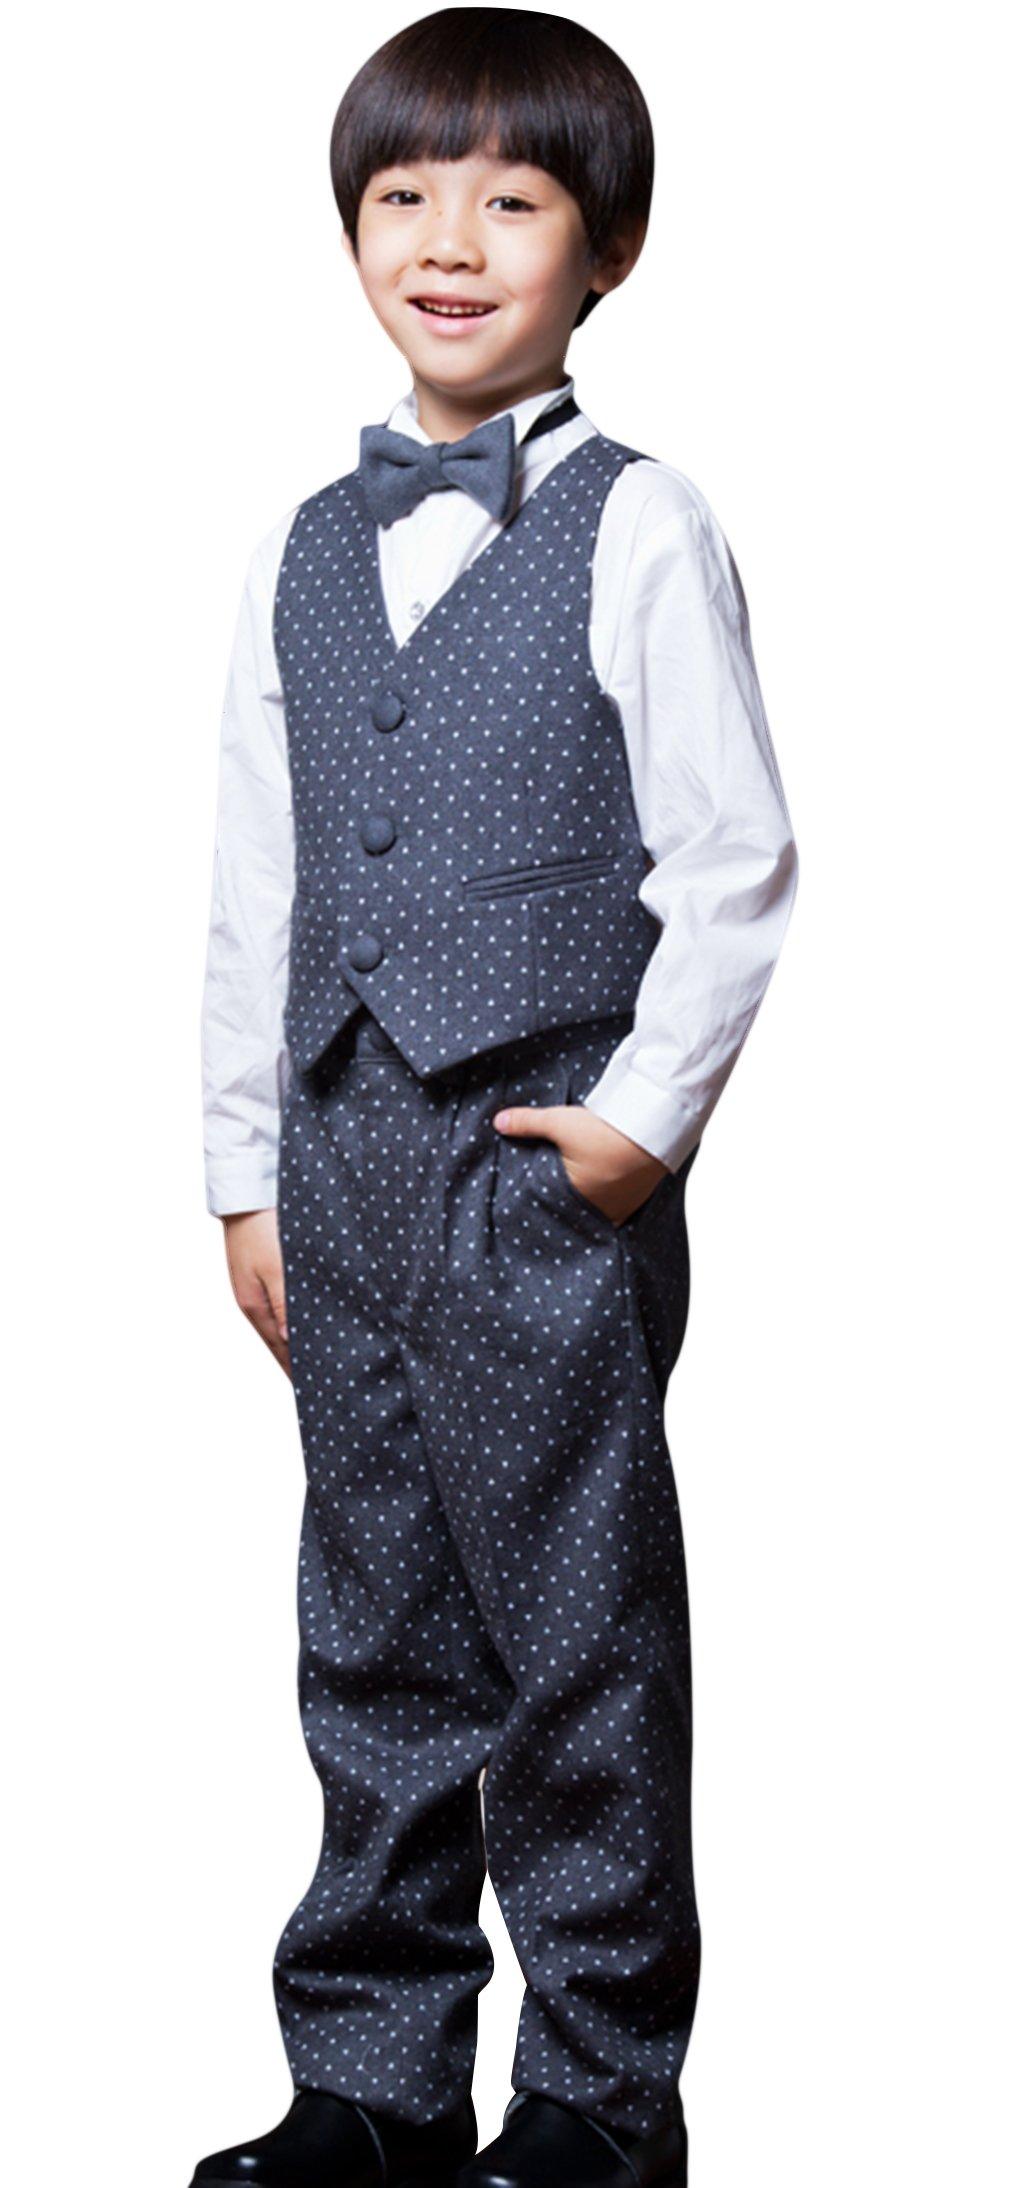 La Vogue Boys Formal 5 Piece Dress Suit Jacket Vest Shirt Pant and Bow S7 by La Vogue (Image #2)